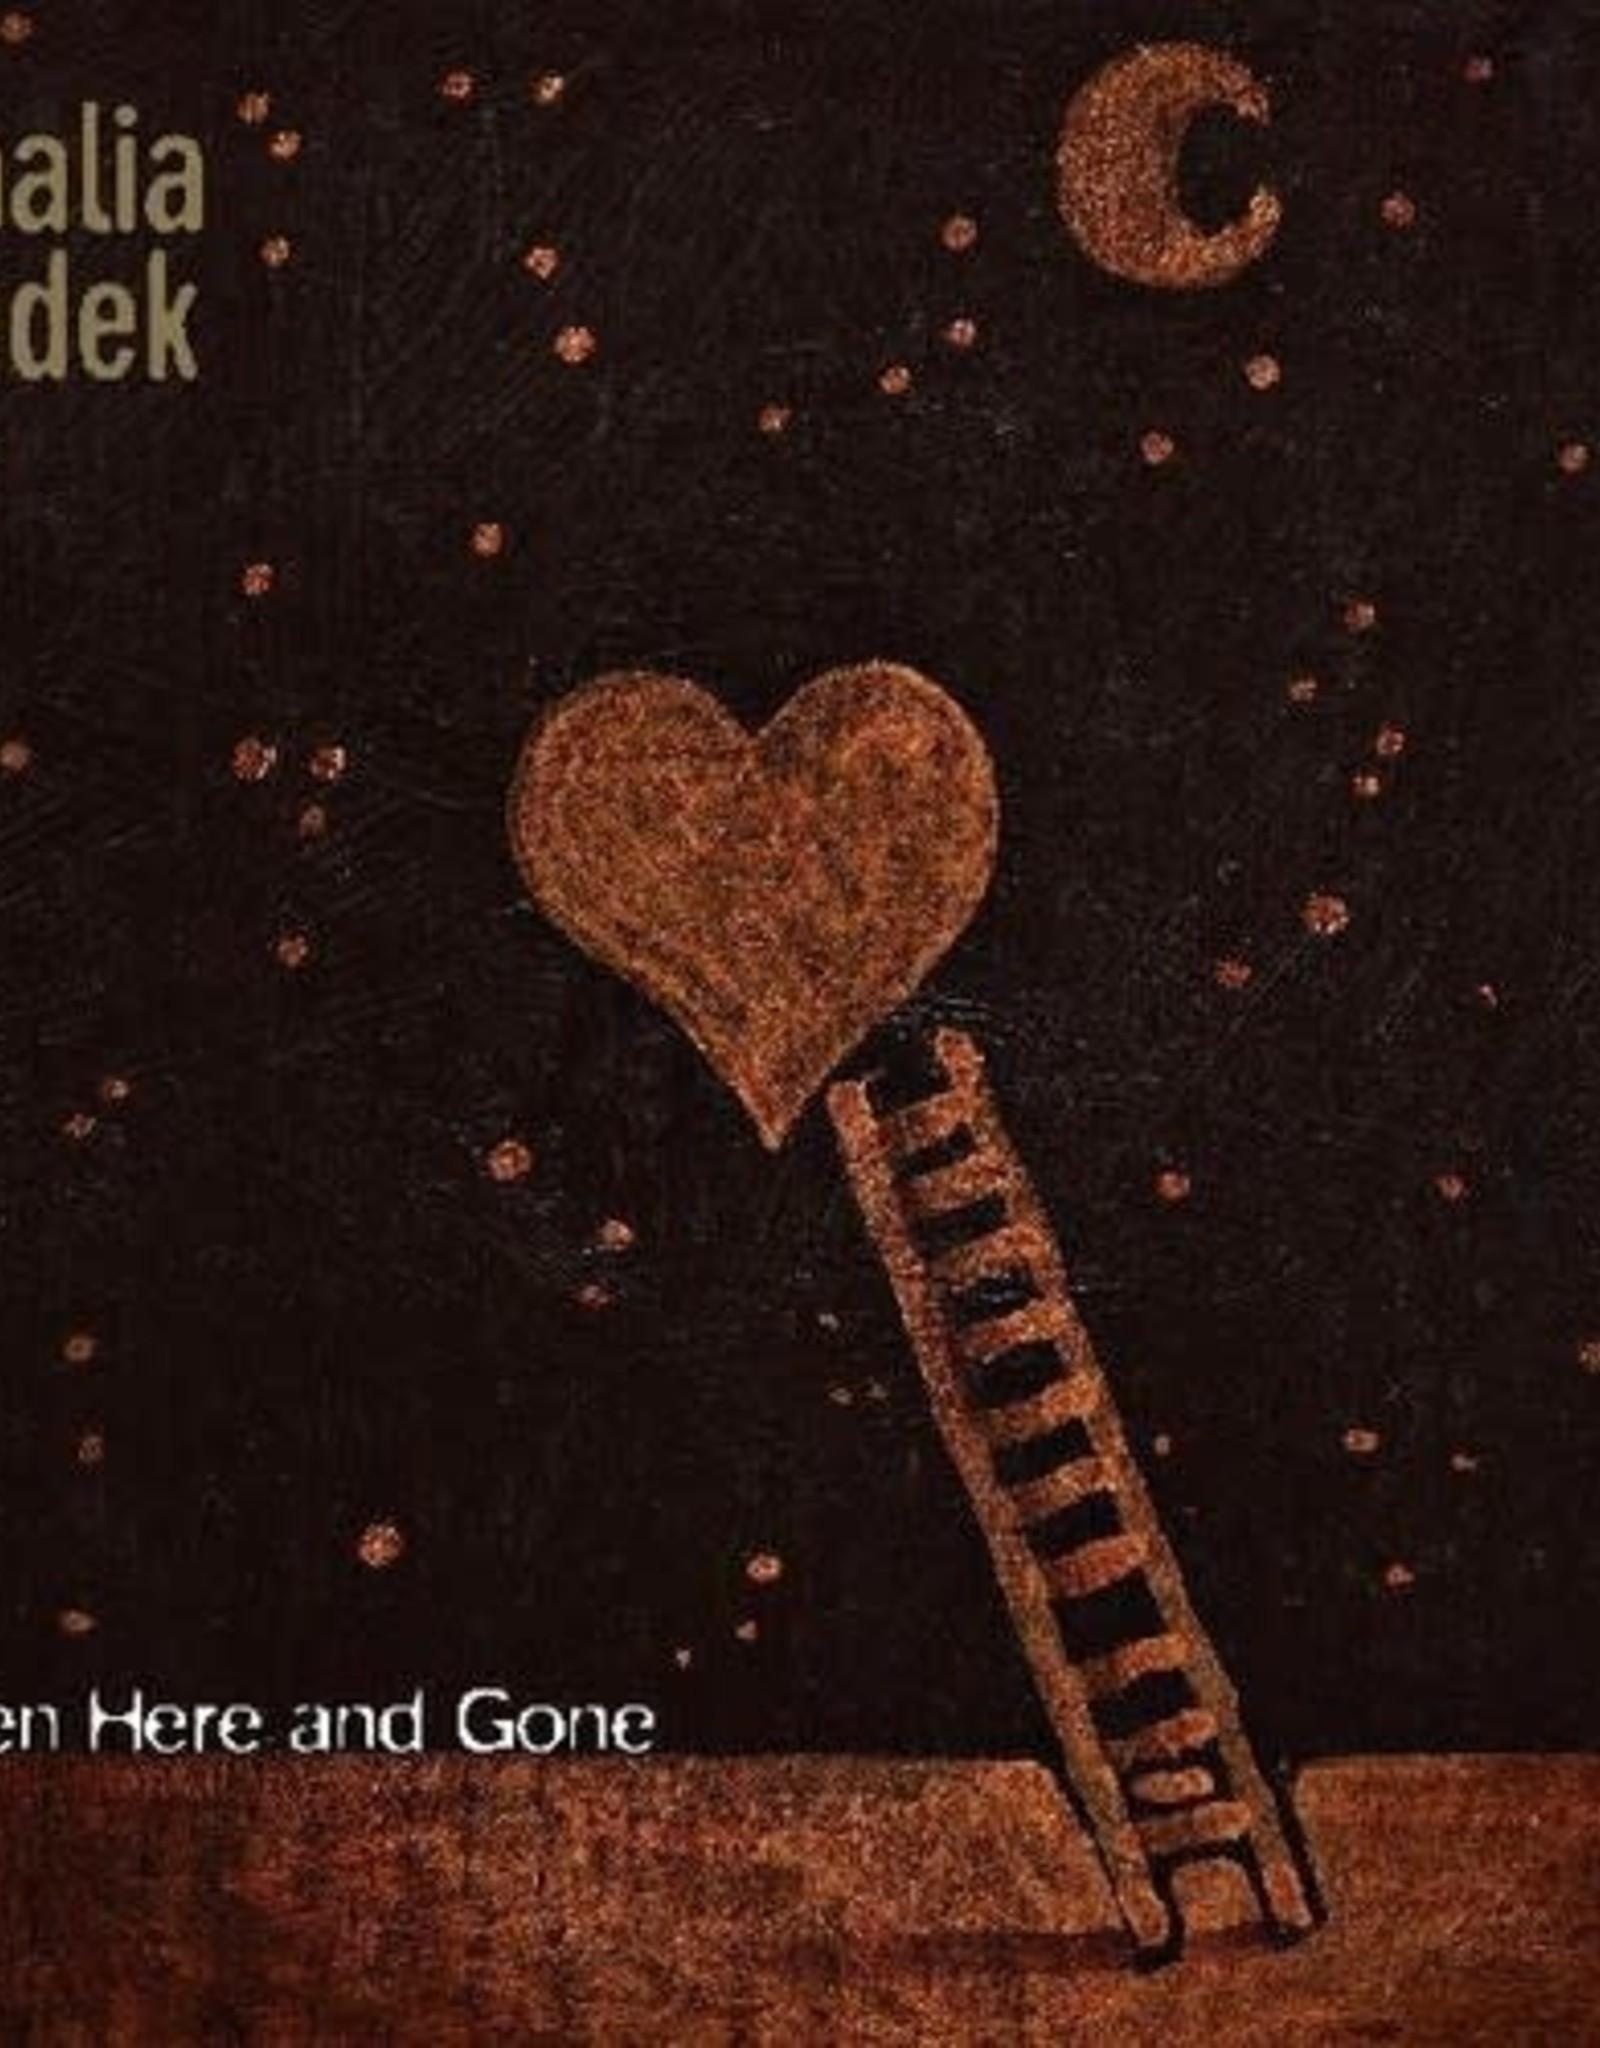 Thalia Zedek - Been Here and Gone (GOLD VINYL, INDIE EXCLUSIVE)